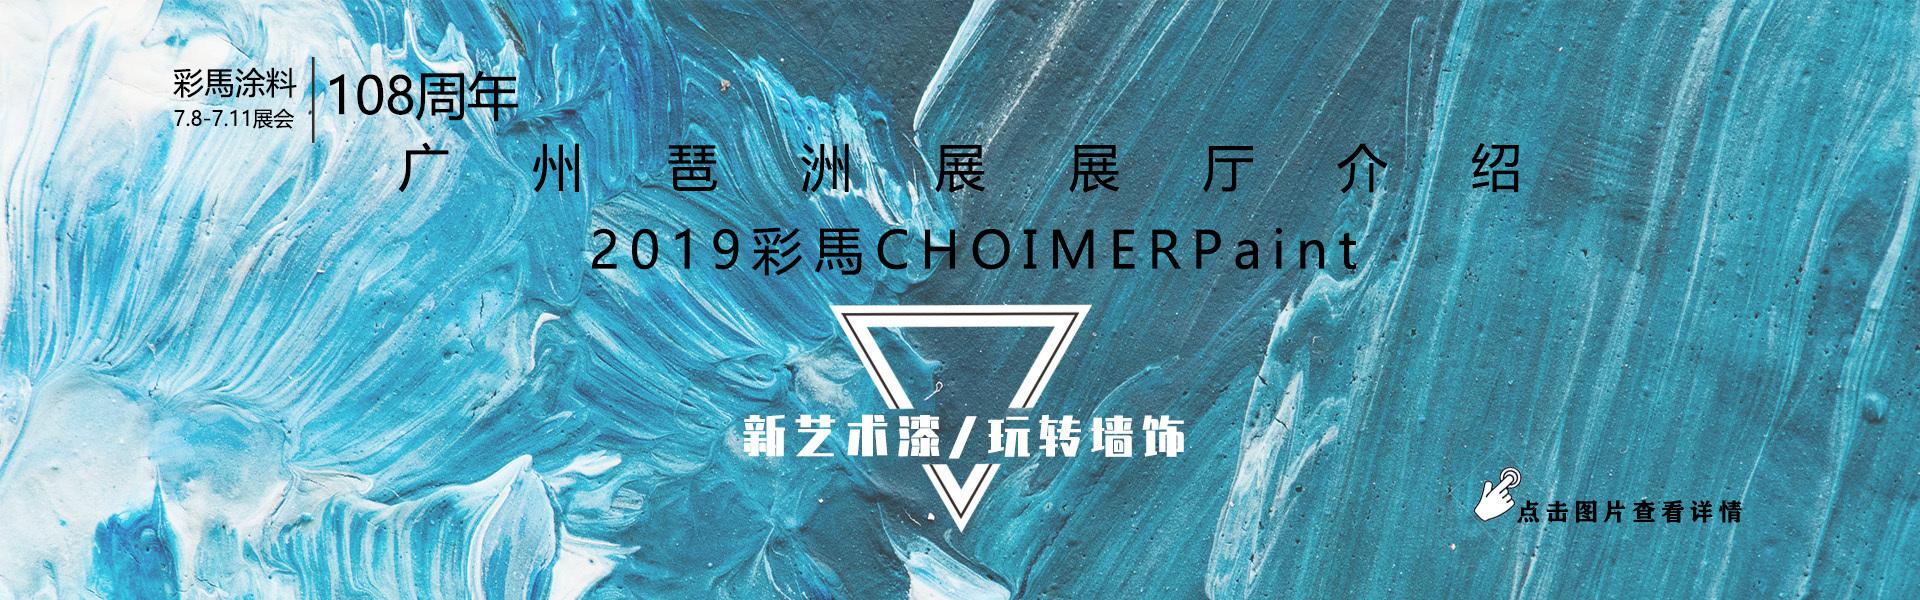 广州琶洲展会